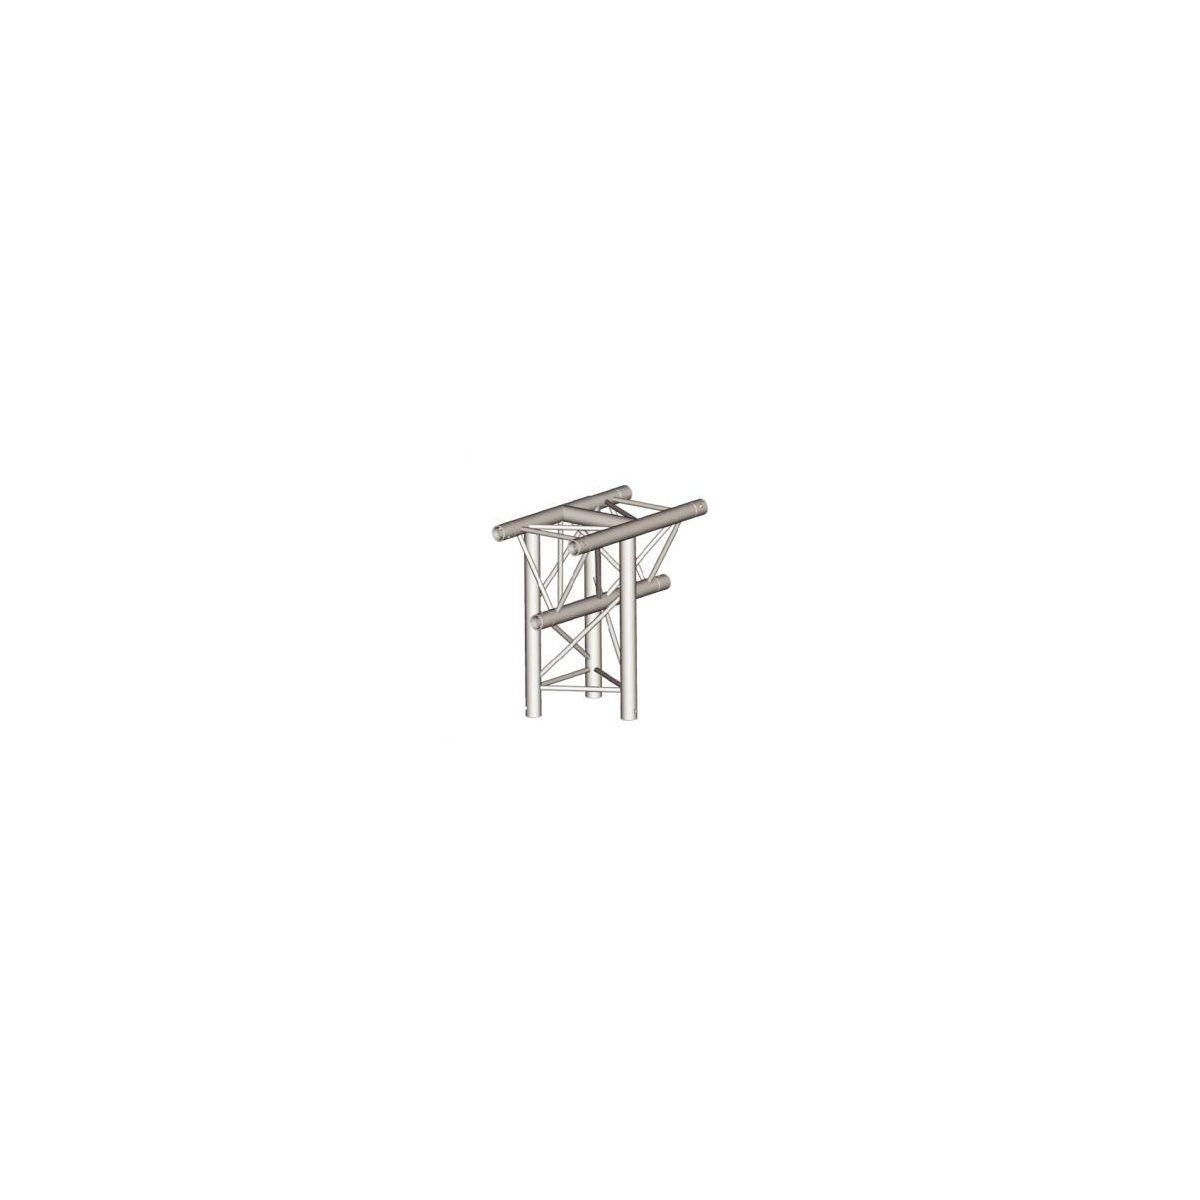 Structures aluminium - Mobiltruss - TRIO DECO A 31004